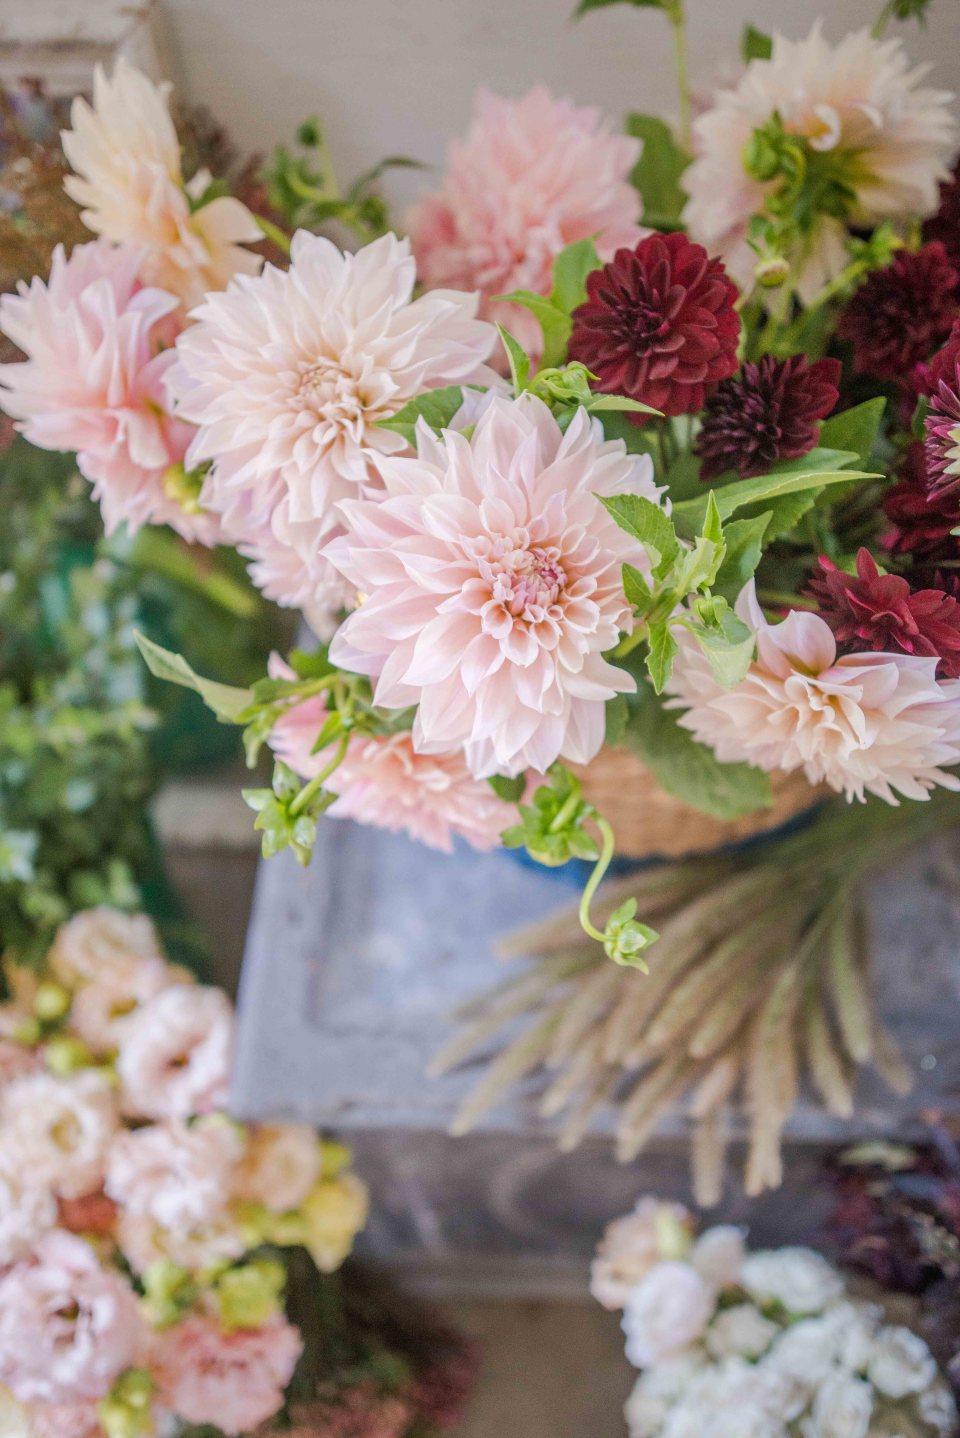 Beautiful Flowers - Cafe au Lait Dahlias